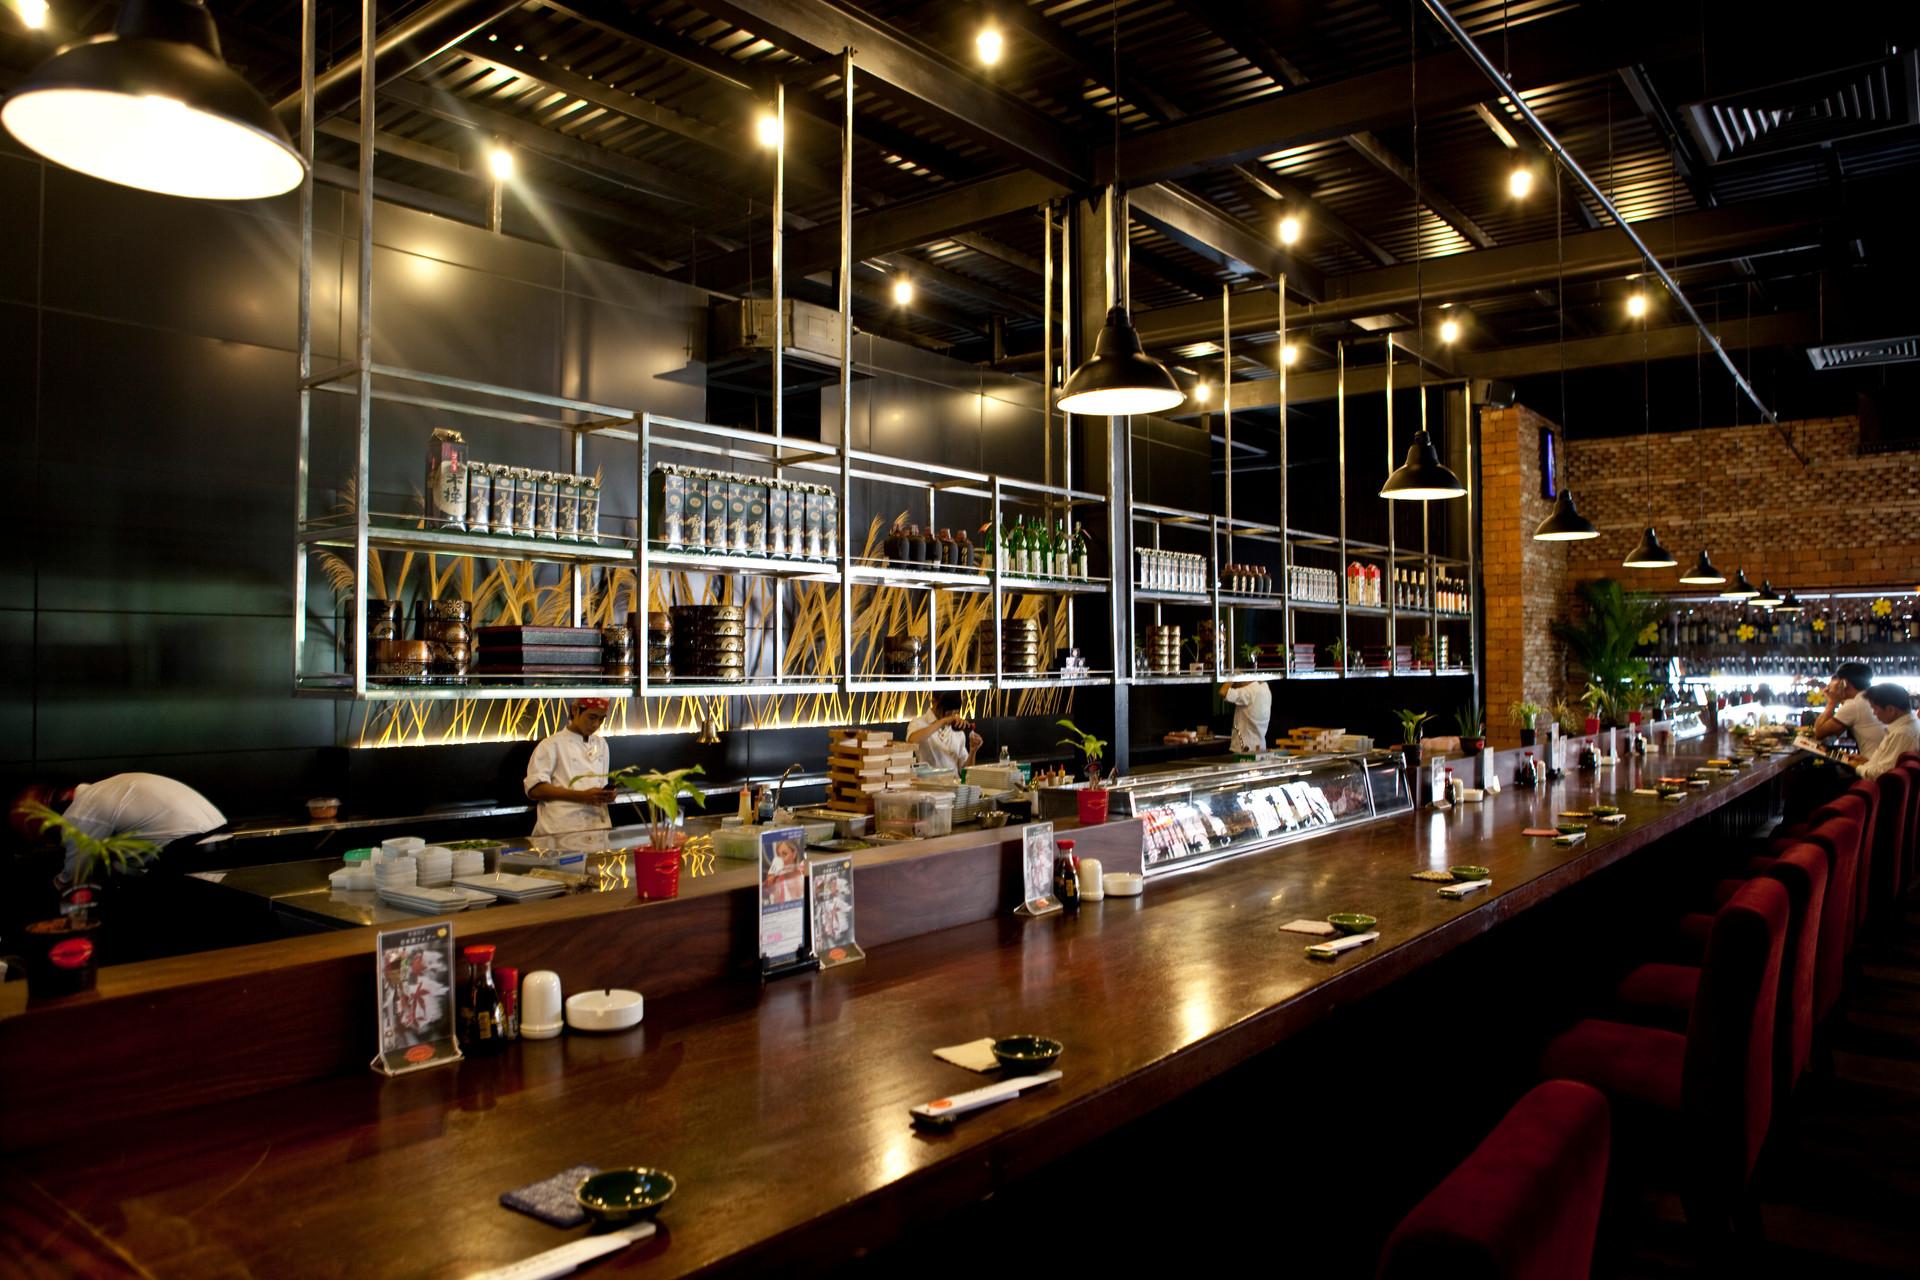 The Sushi & Wine Bar